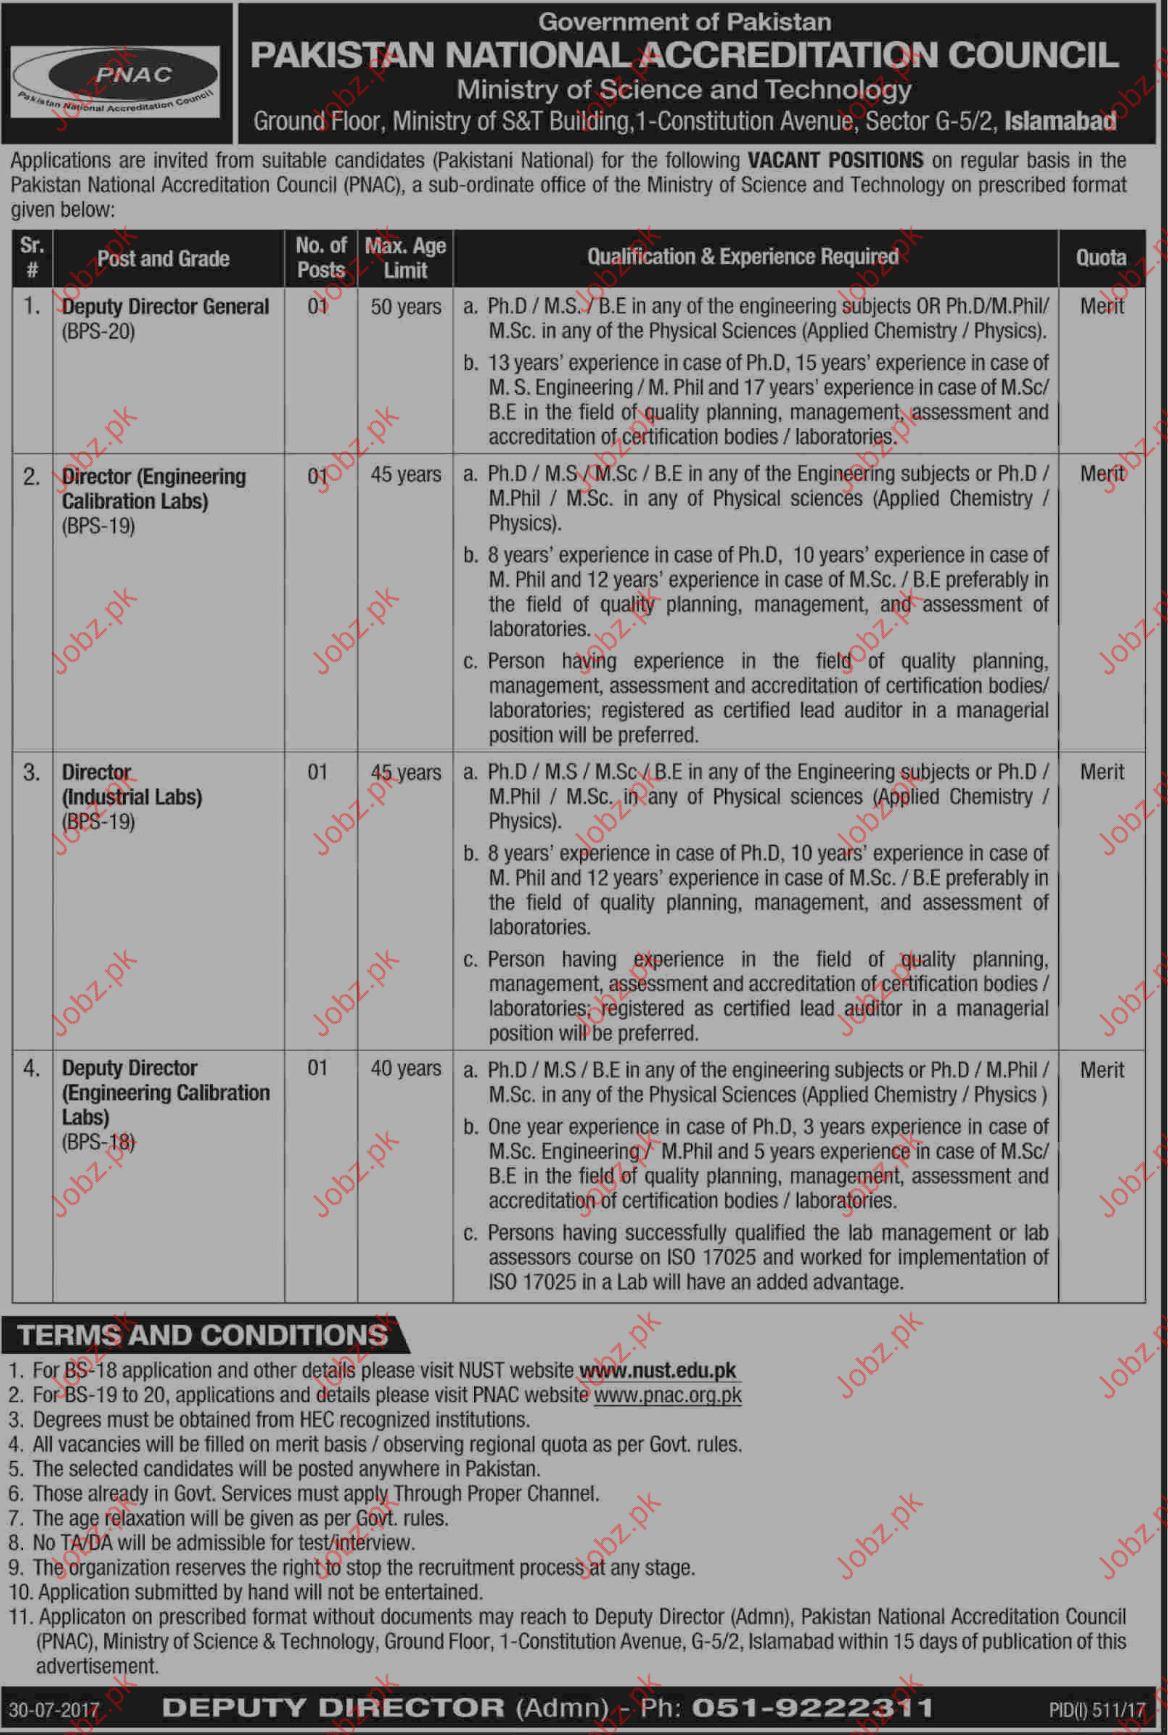 Pakistan National Accreditation Council PNAC Careers